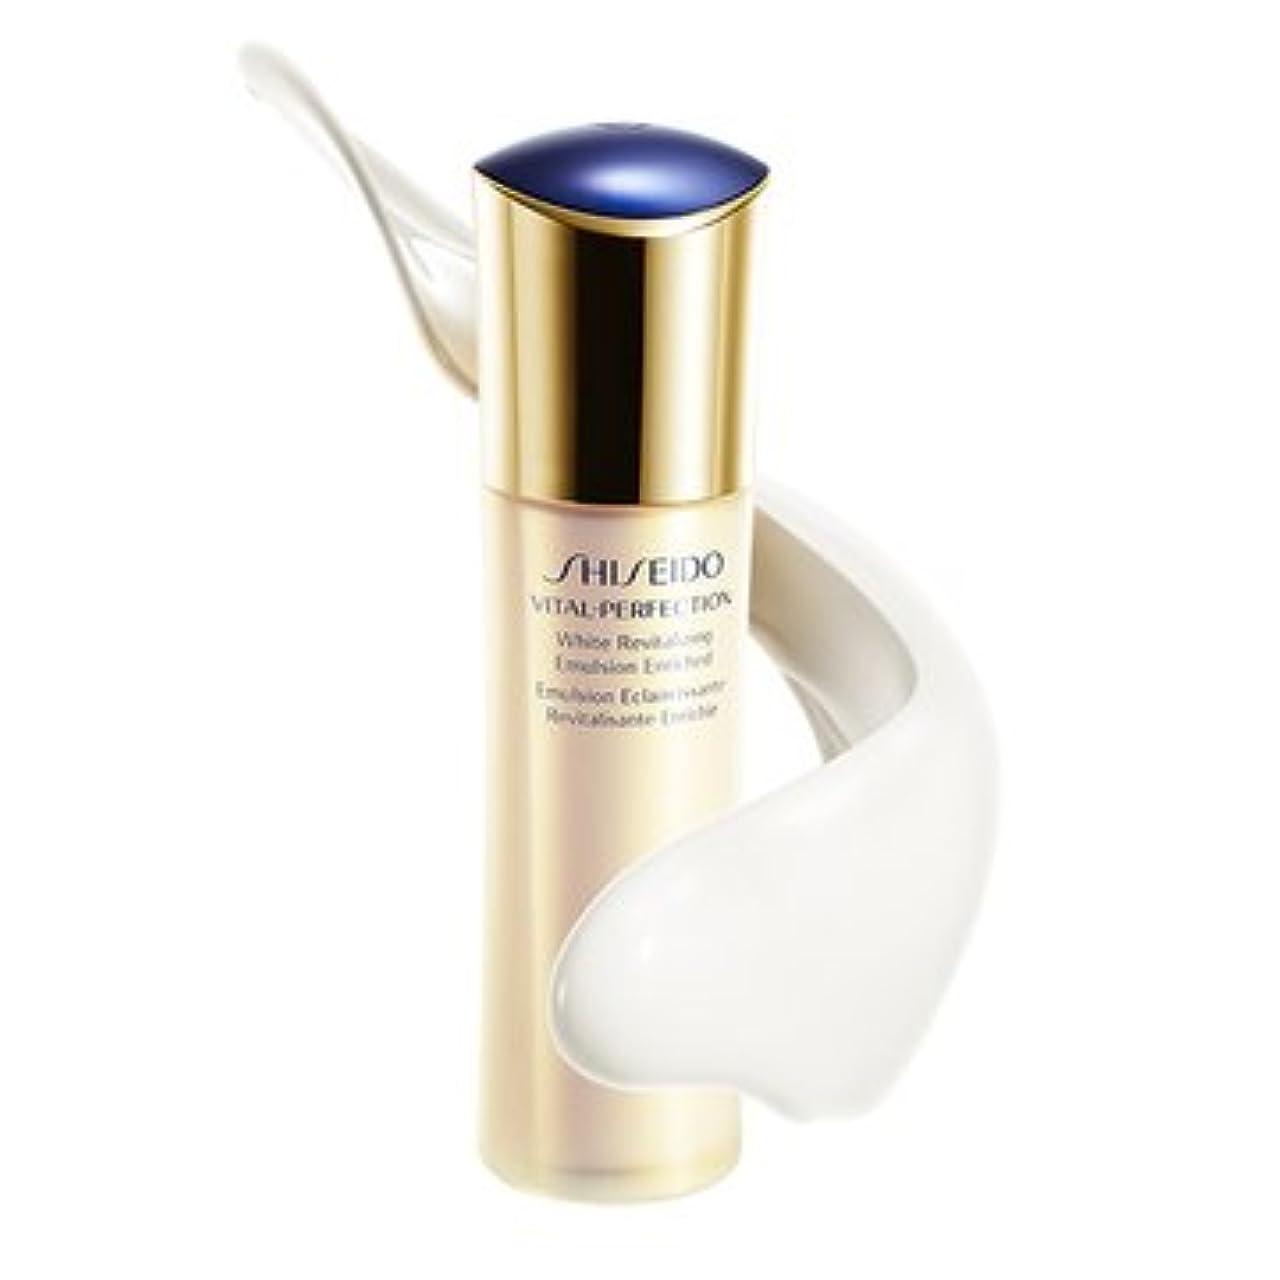 耳葉を拾うファンシー資生堂/shiseido バイタルパーフェクション/VITAL-PERFECTION ホワイトRV エマルジョン(医薬部外品)美白乳液